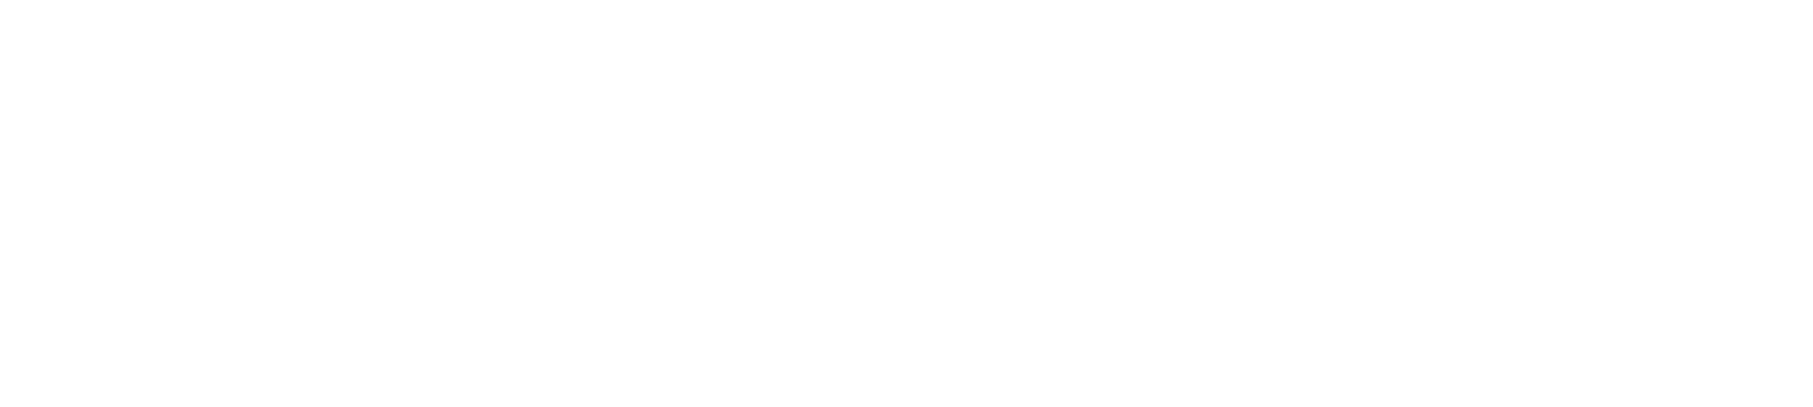 Altcoin Fantasy and trade.io